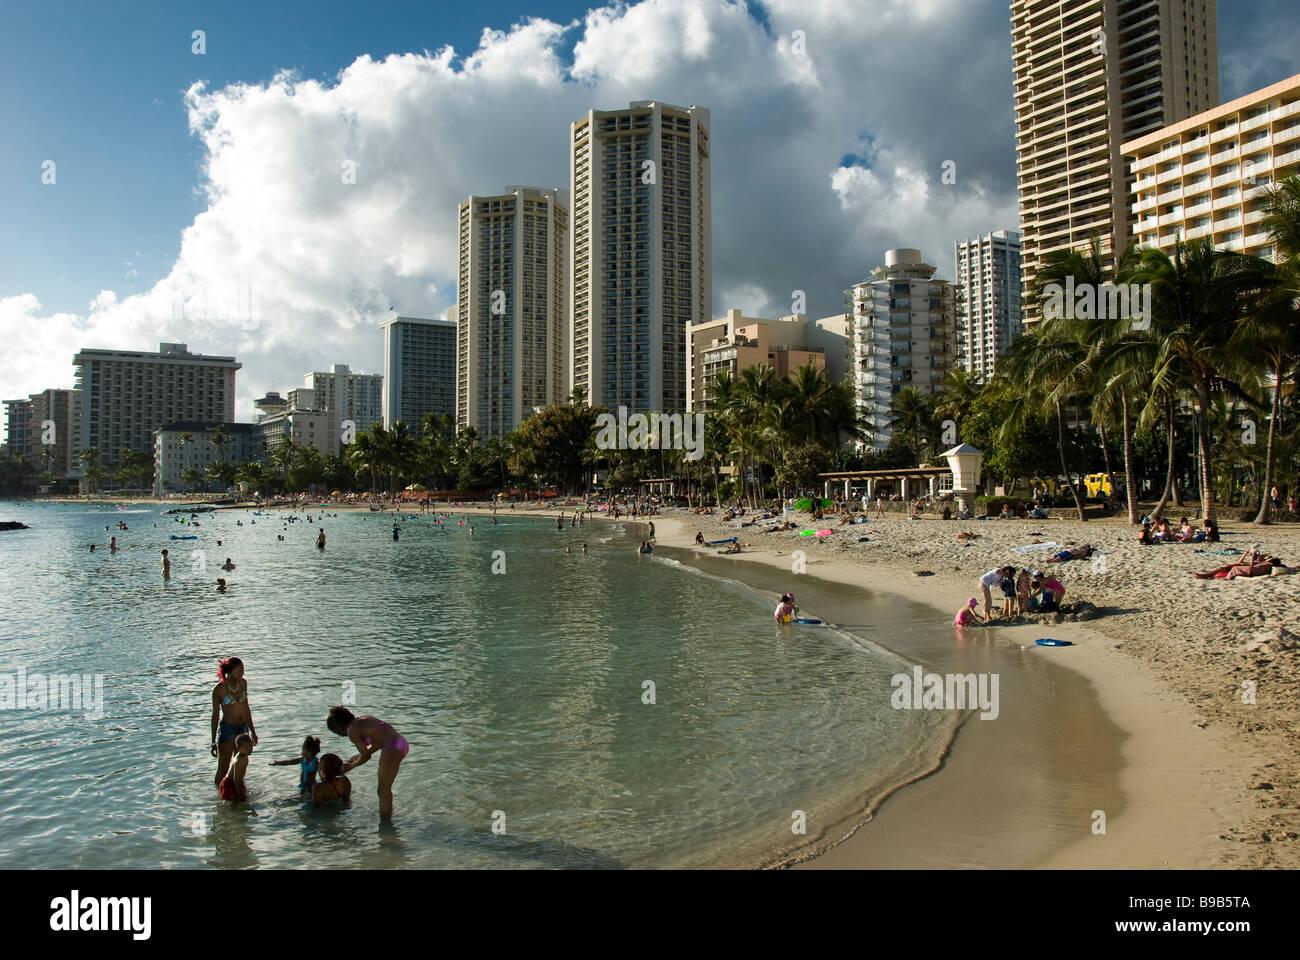 Families enjoy the sand, Waikiki Beach, Honolulu, Oahu, Hawaii. Stock Photo